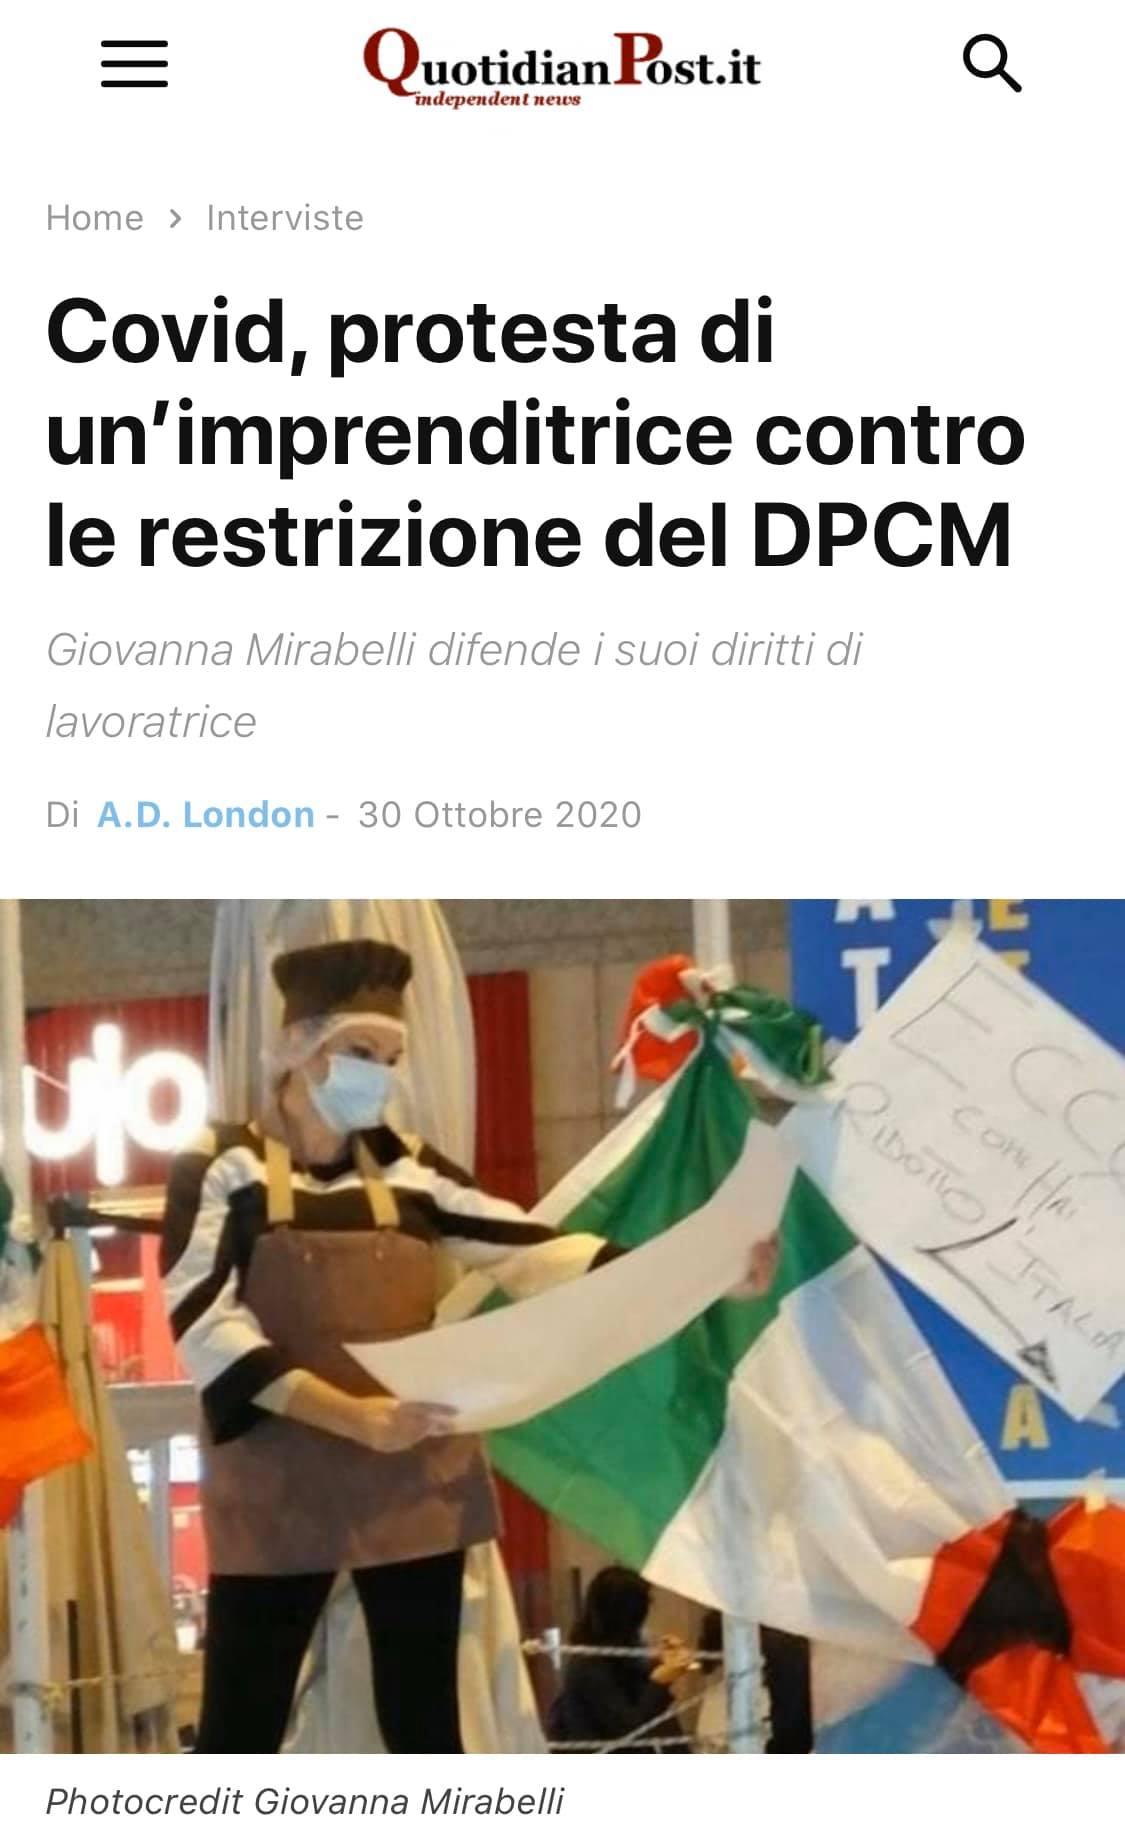 Su QuotidianPost.it la protesta della nostra famosa associata Giovanna Mirabellii contro il DPCM.